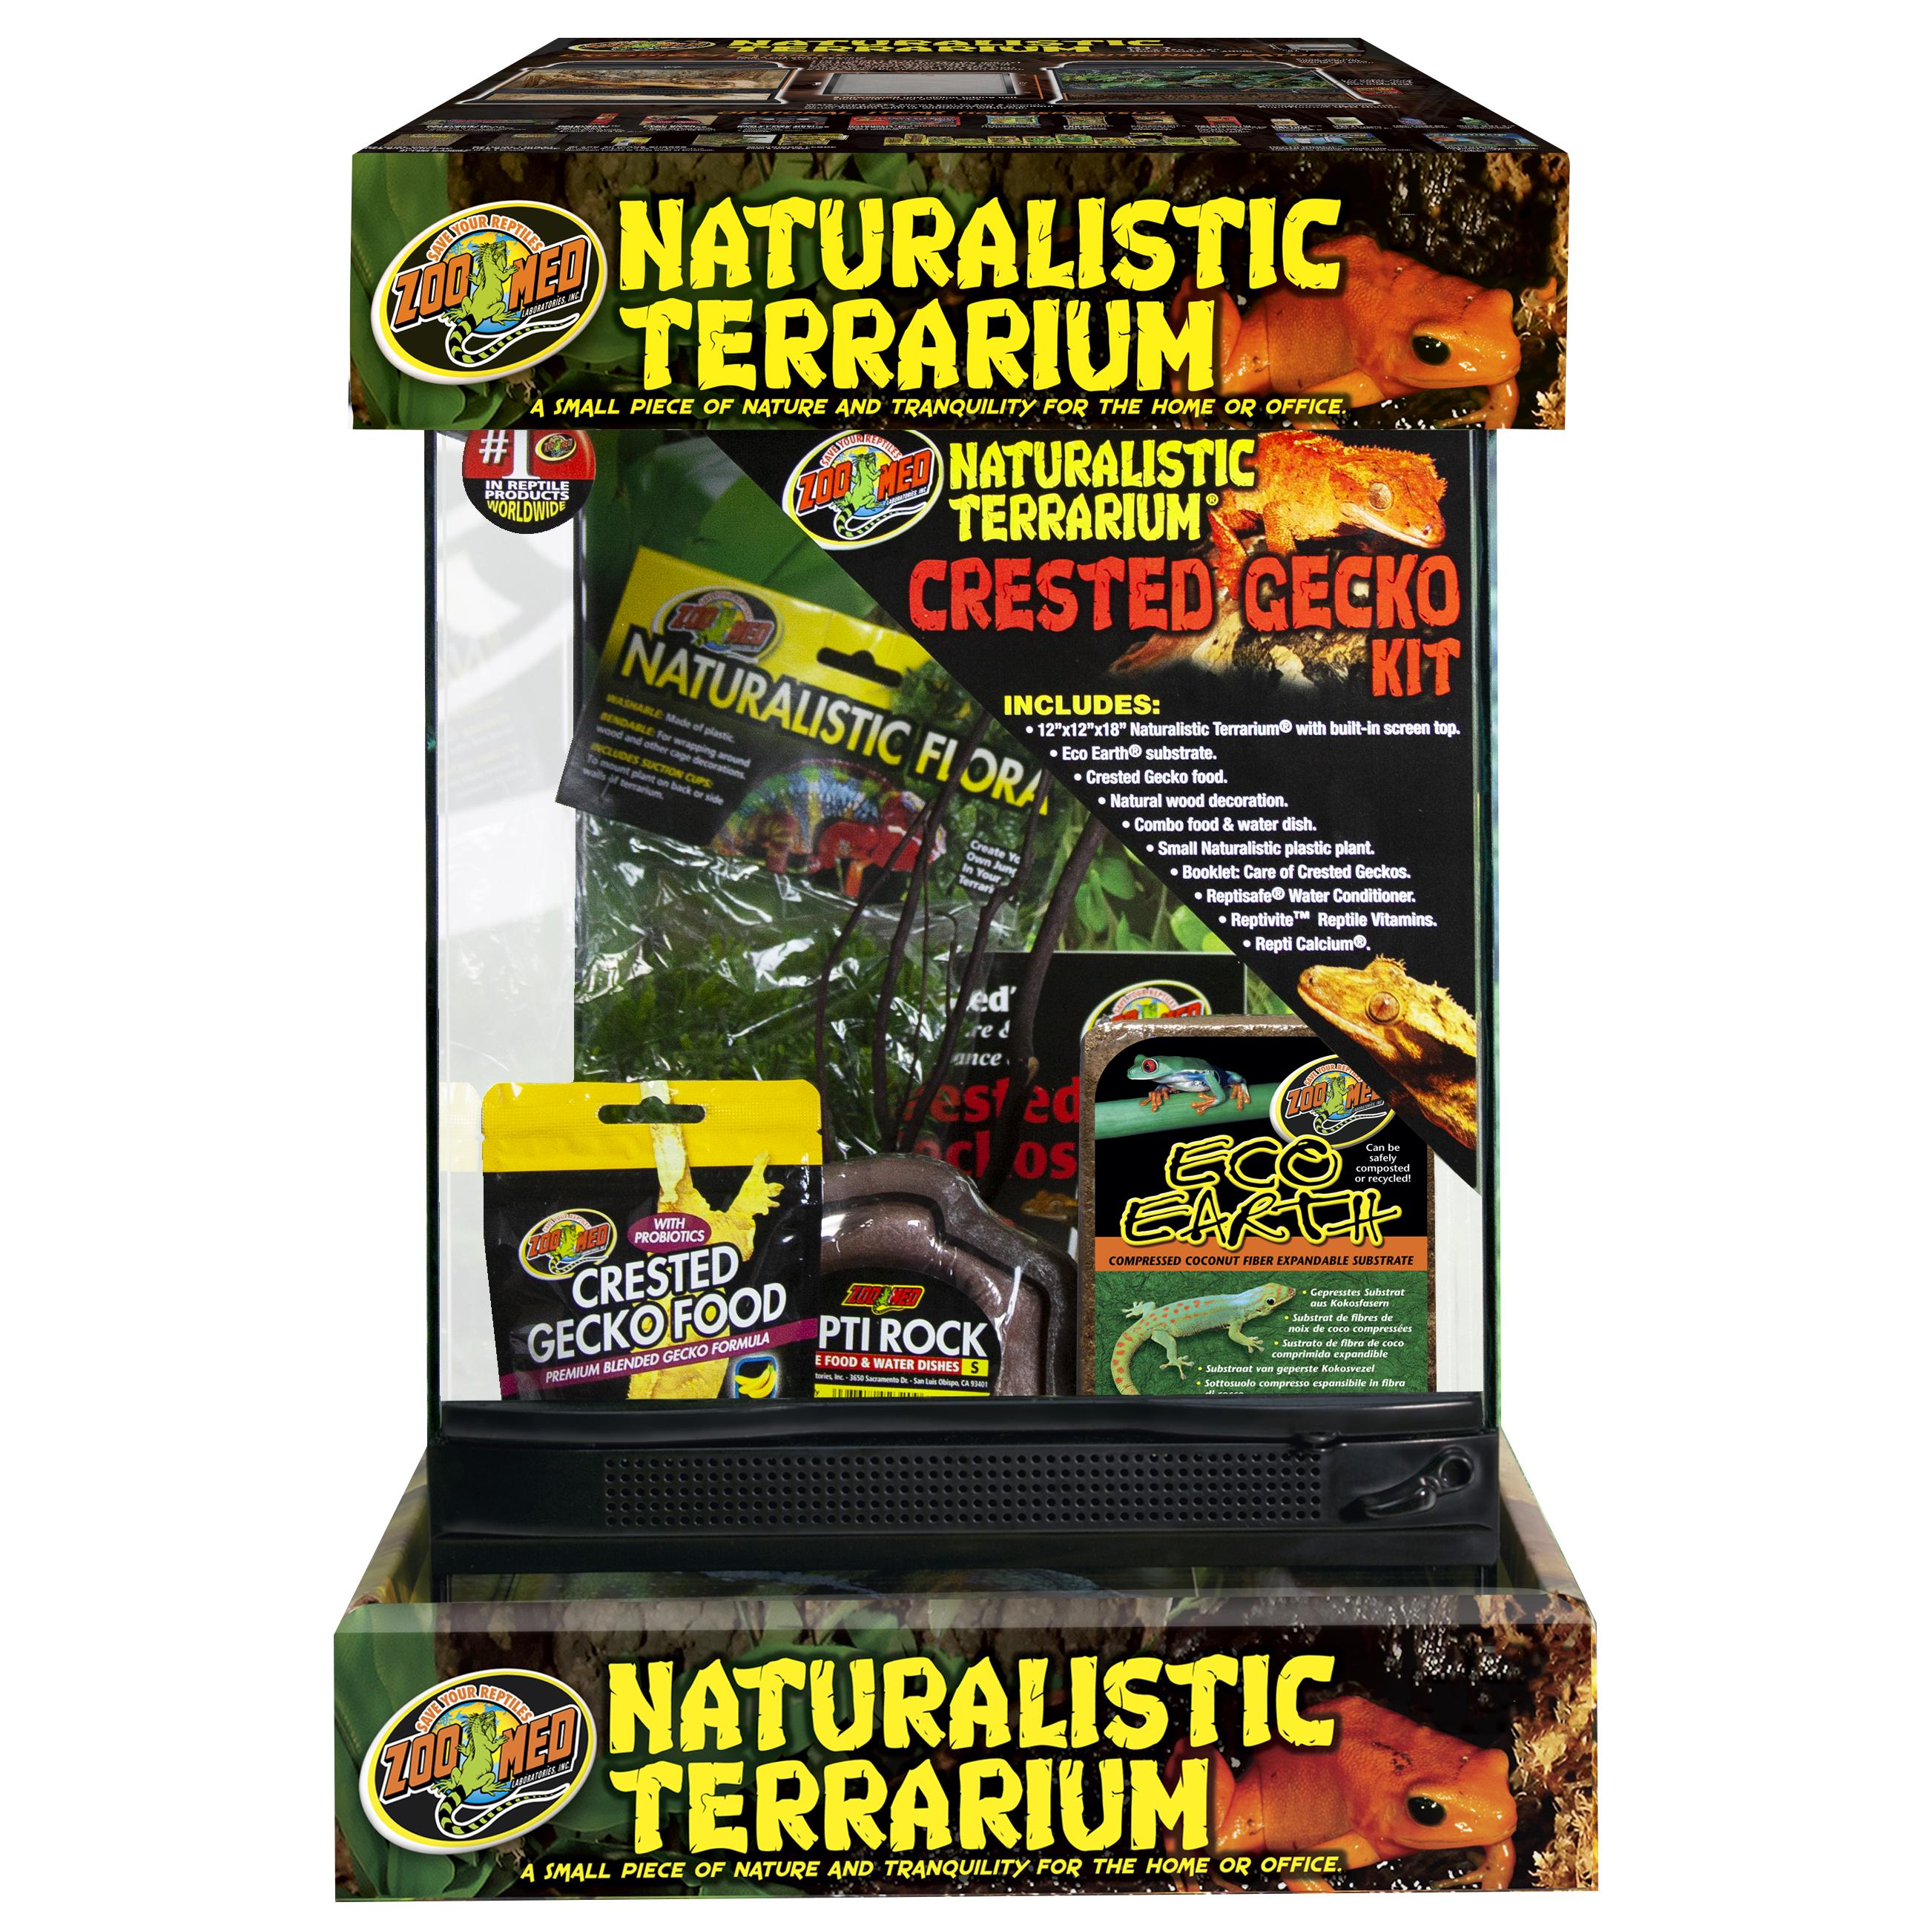 naturalistic terrarium crested gecko